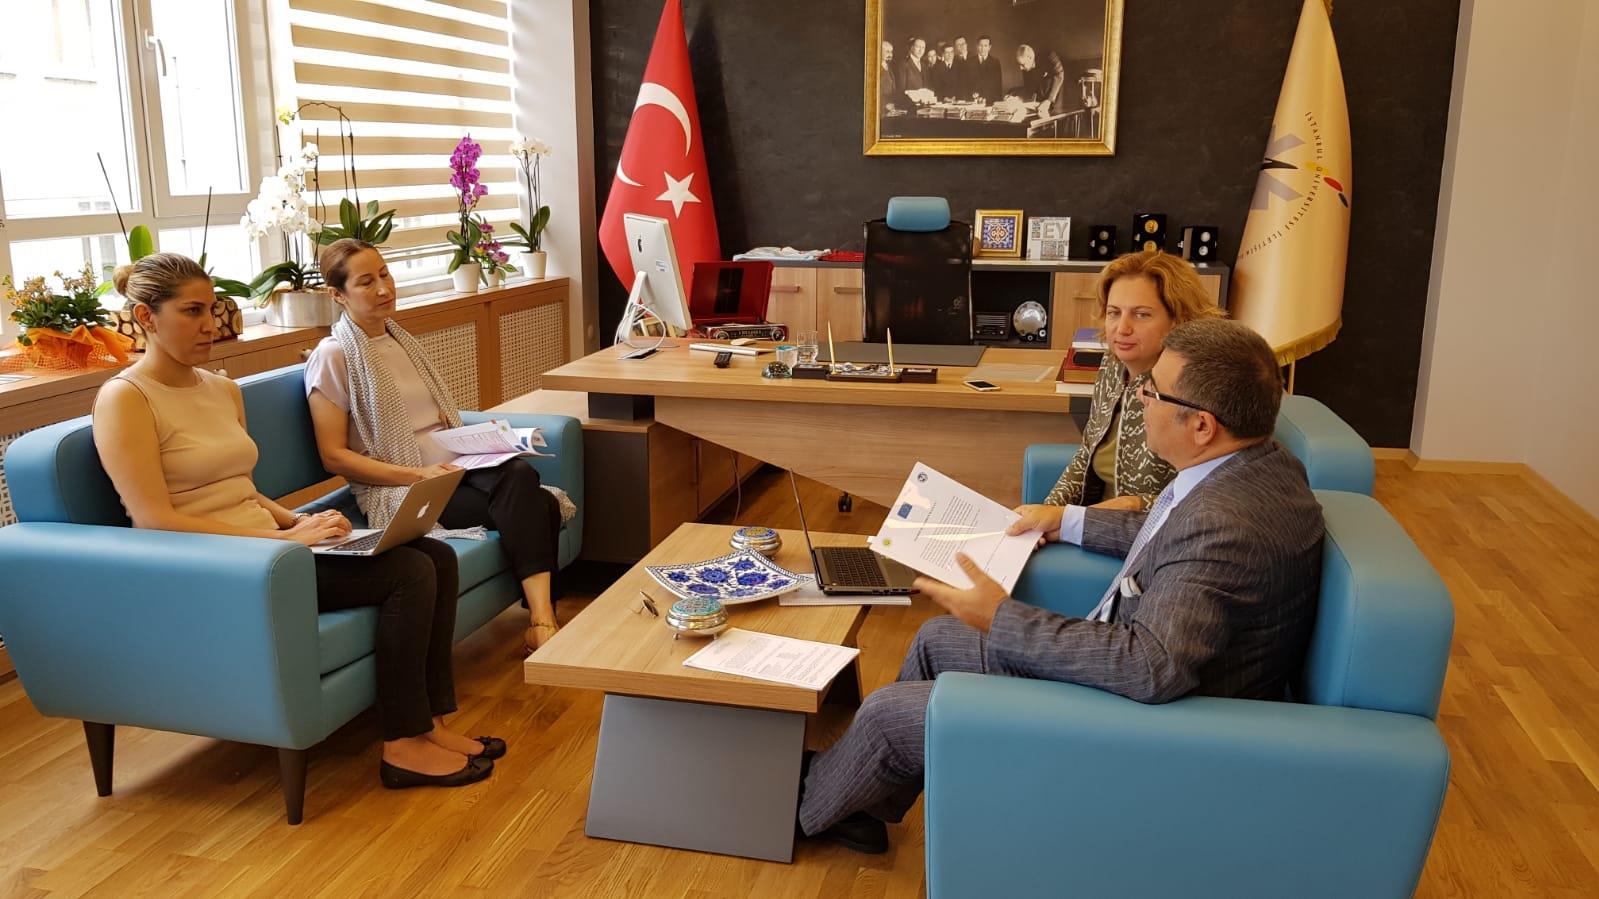 """İstanbul-Üniversitesi-""""Horizon-2020-Çerçeve-Programı""""-Kapsamında-WESREF-IU-Projesi-ile-Desteklenmeye-Hak-Kazandı"""